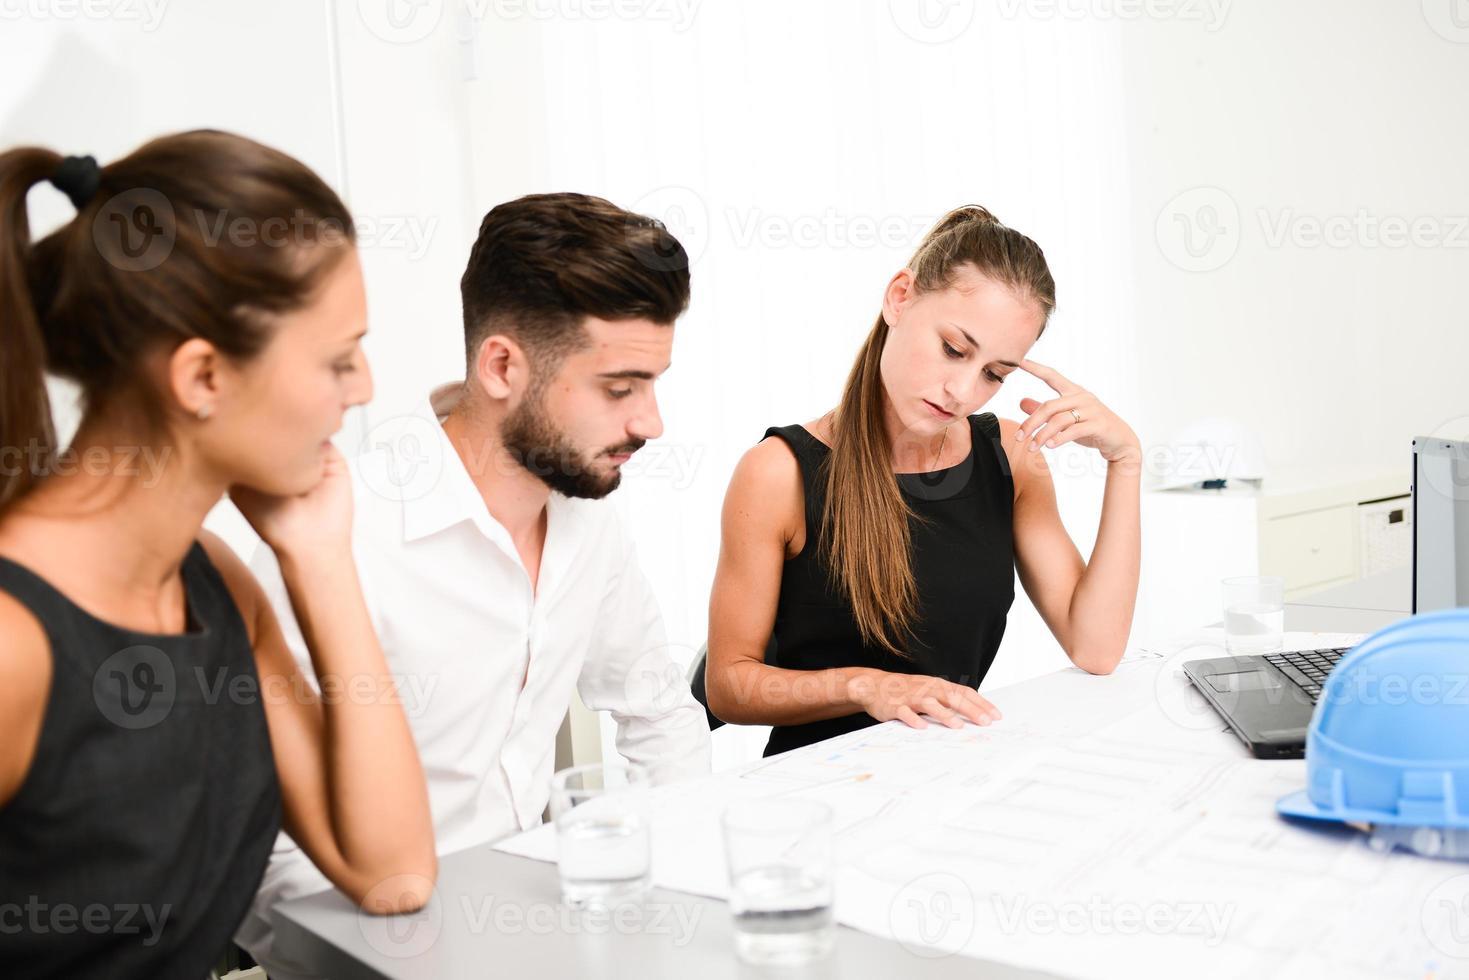 Arquitecto de gente de negocios discutiendo con blueprint en la sala de reuniones de oficina foto